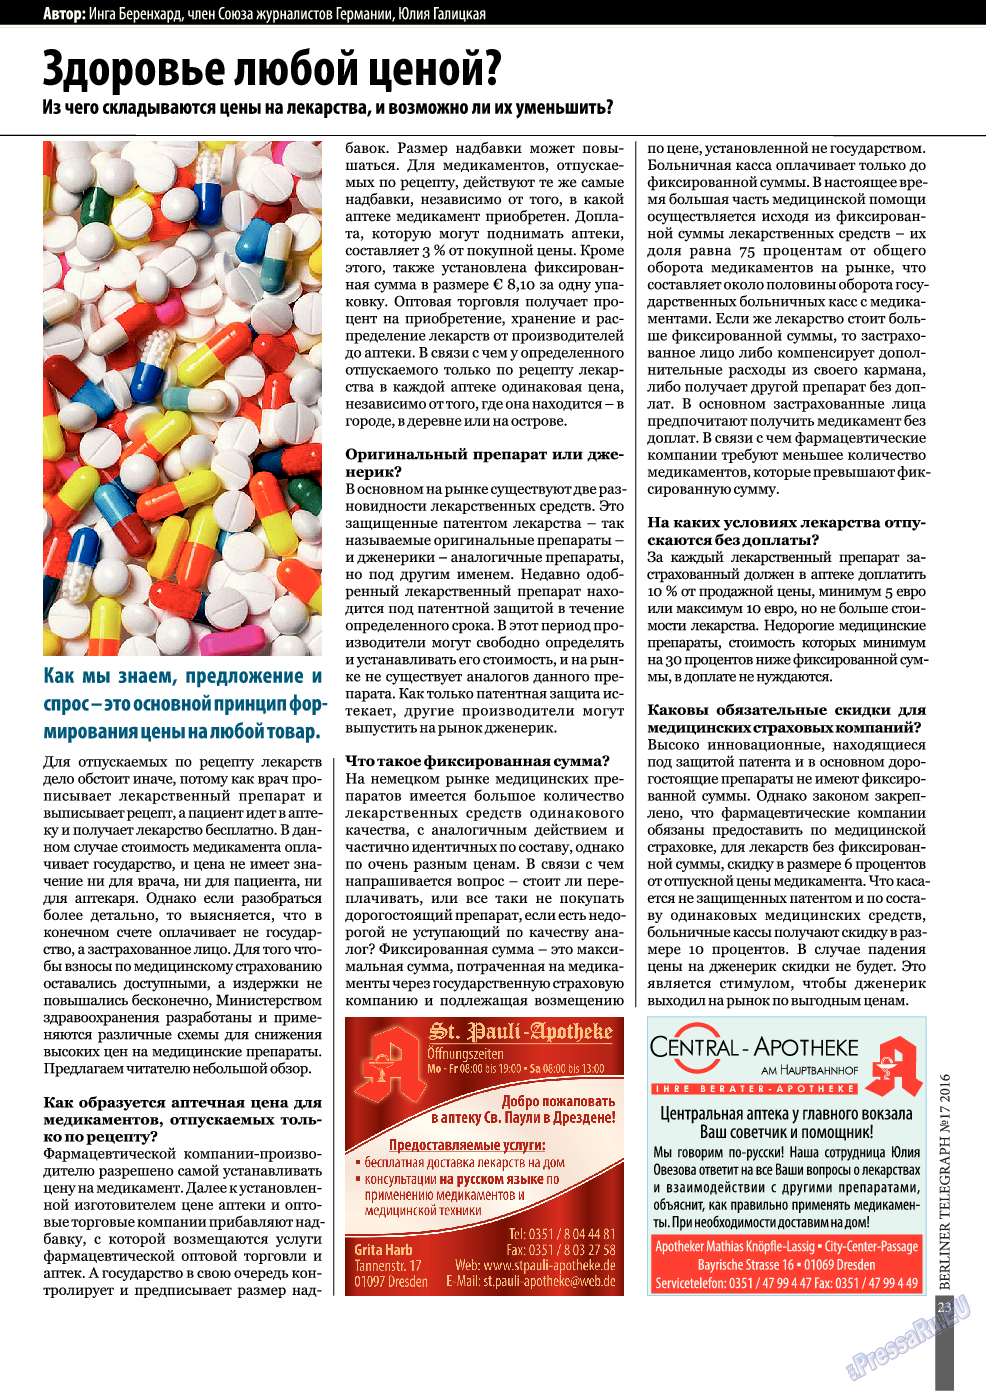 Берлинский телеграф (журнал). 2016 год, номер 17, стр. 23